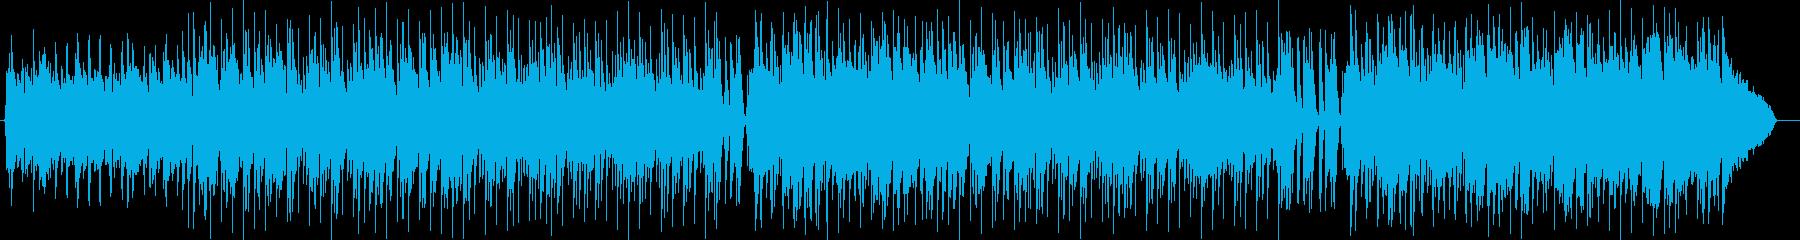 軽快でアップテンポの楽しい曲の再生済みの波形